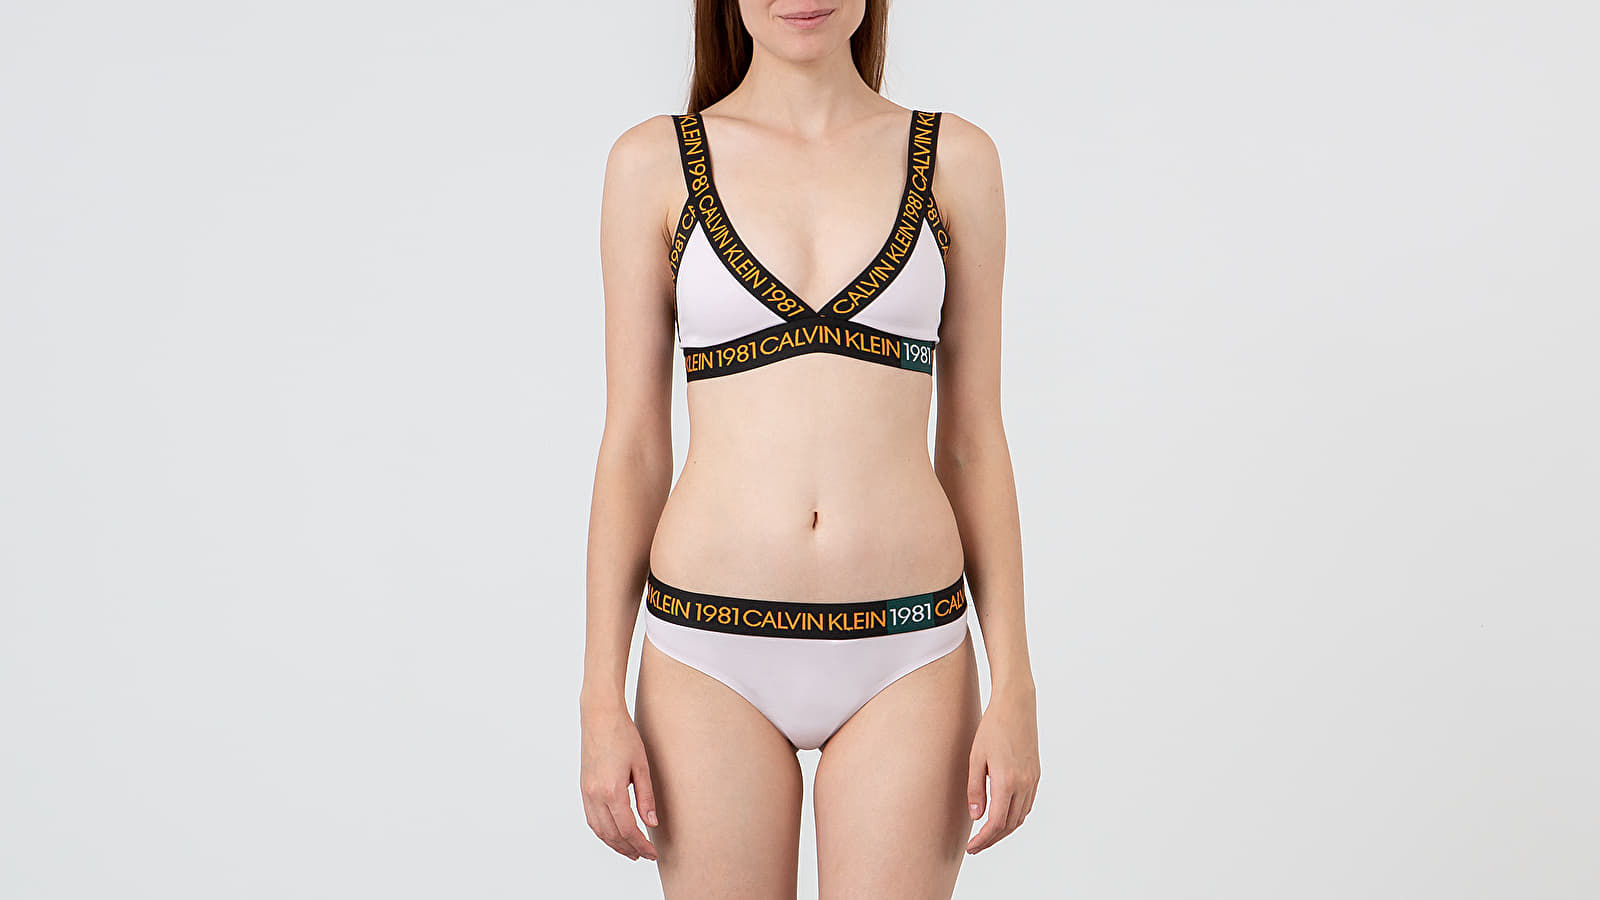 Calvin Klein Bold 1981 Brief Bikini